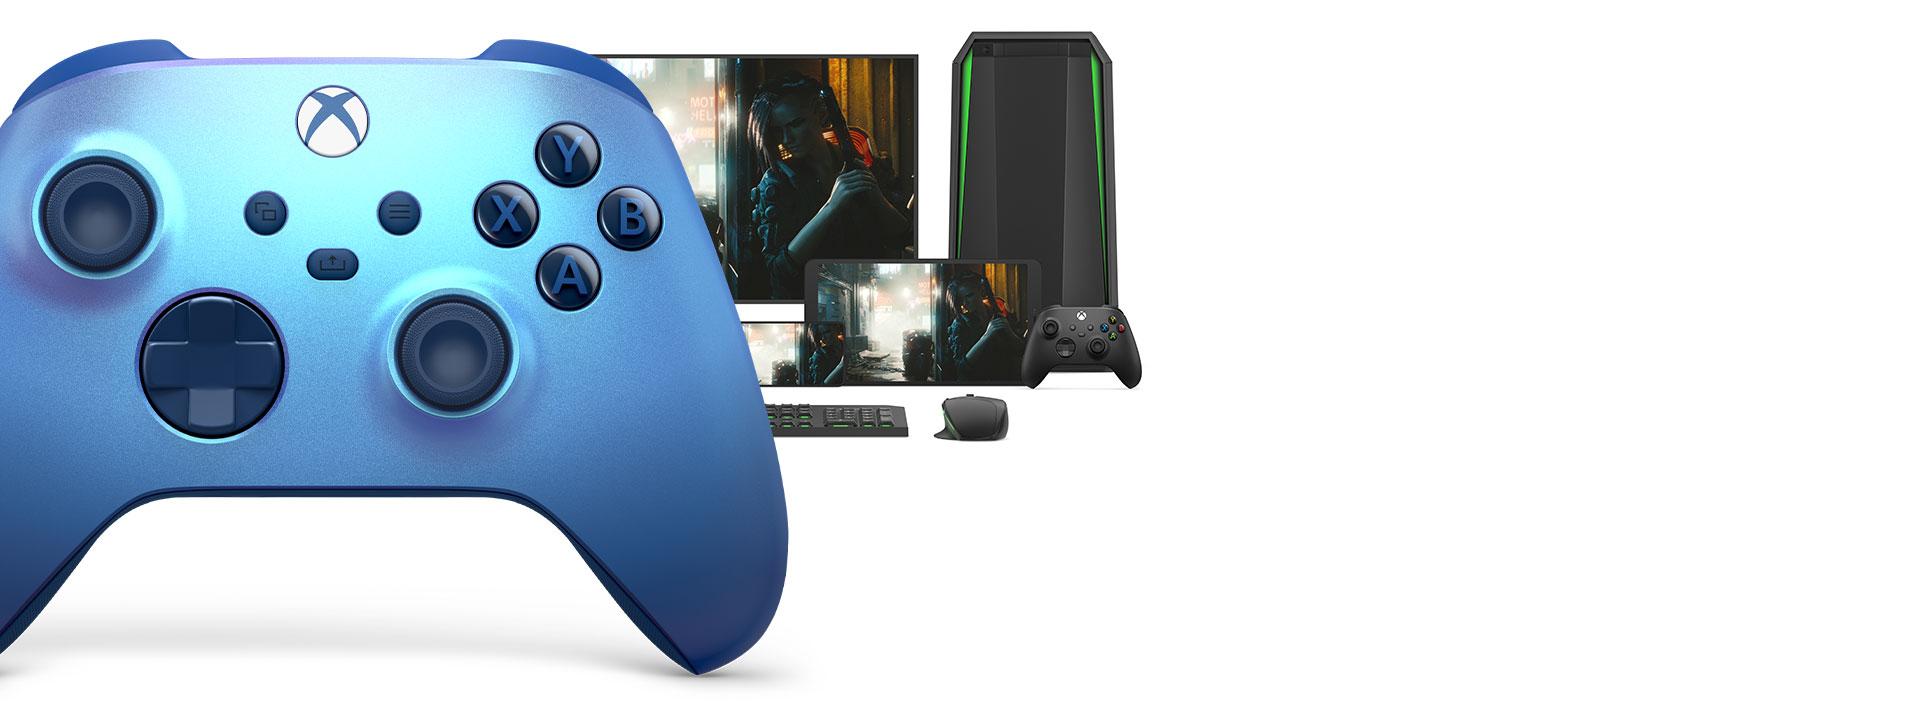 Bezdrátový ovladač pro Xbox Aqua Shift s počítačem, televizí a zařízením Xbox SeriesS.